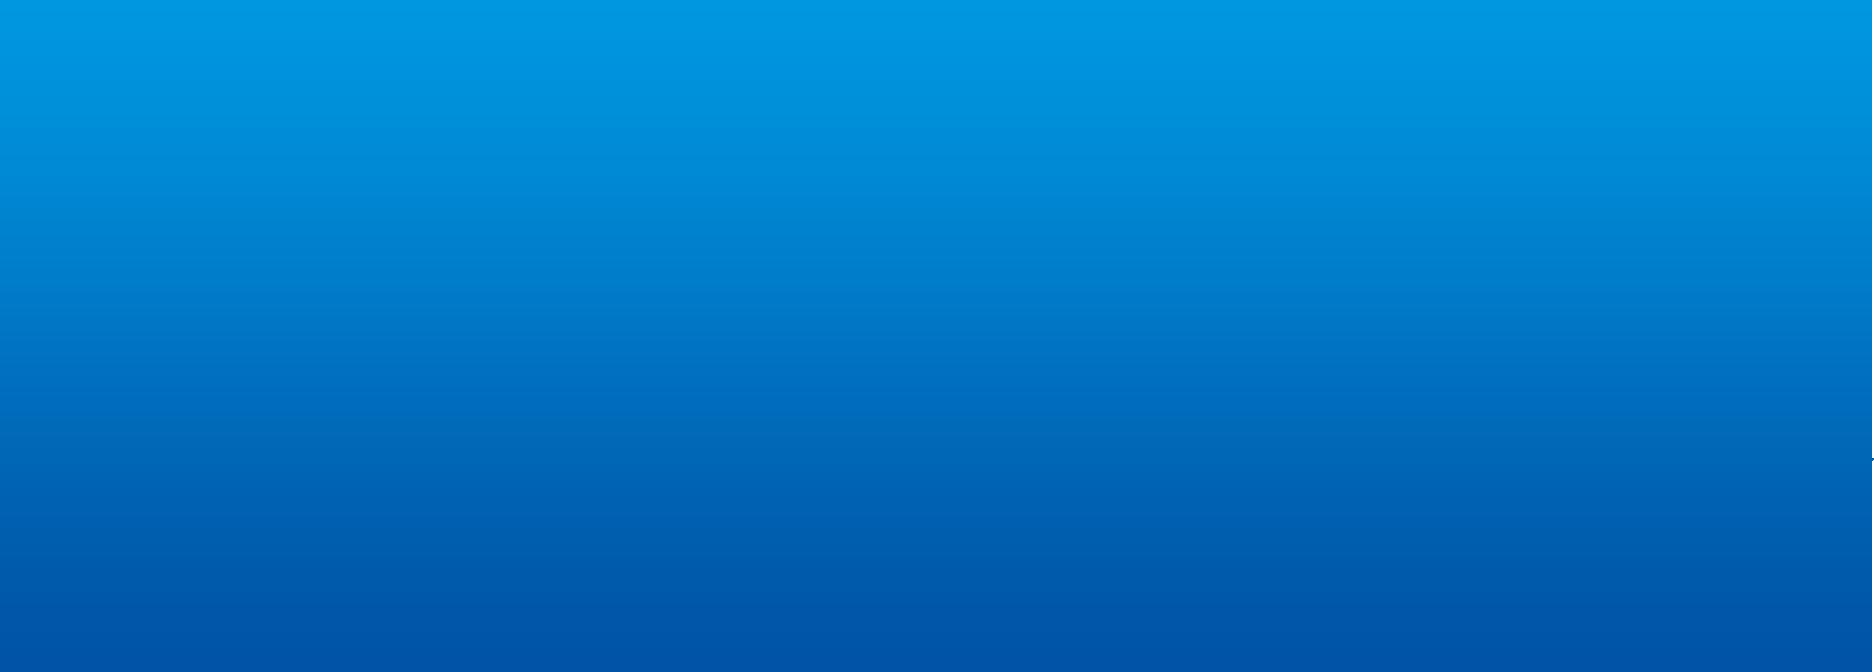 兖州质量好的矿用紧凑链平台_专业-青岛亿东煤矿机械制造有限公司